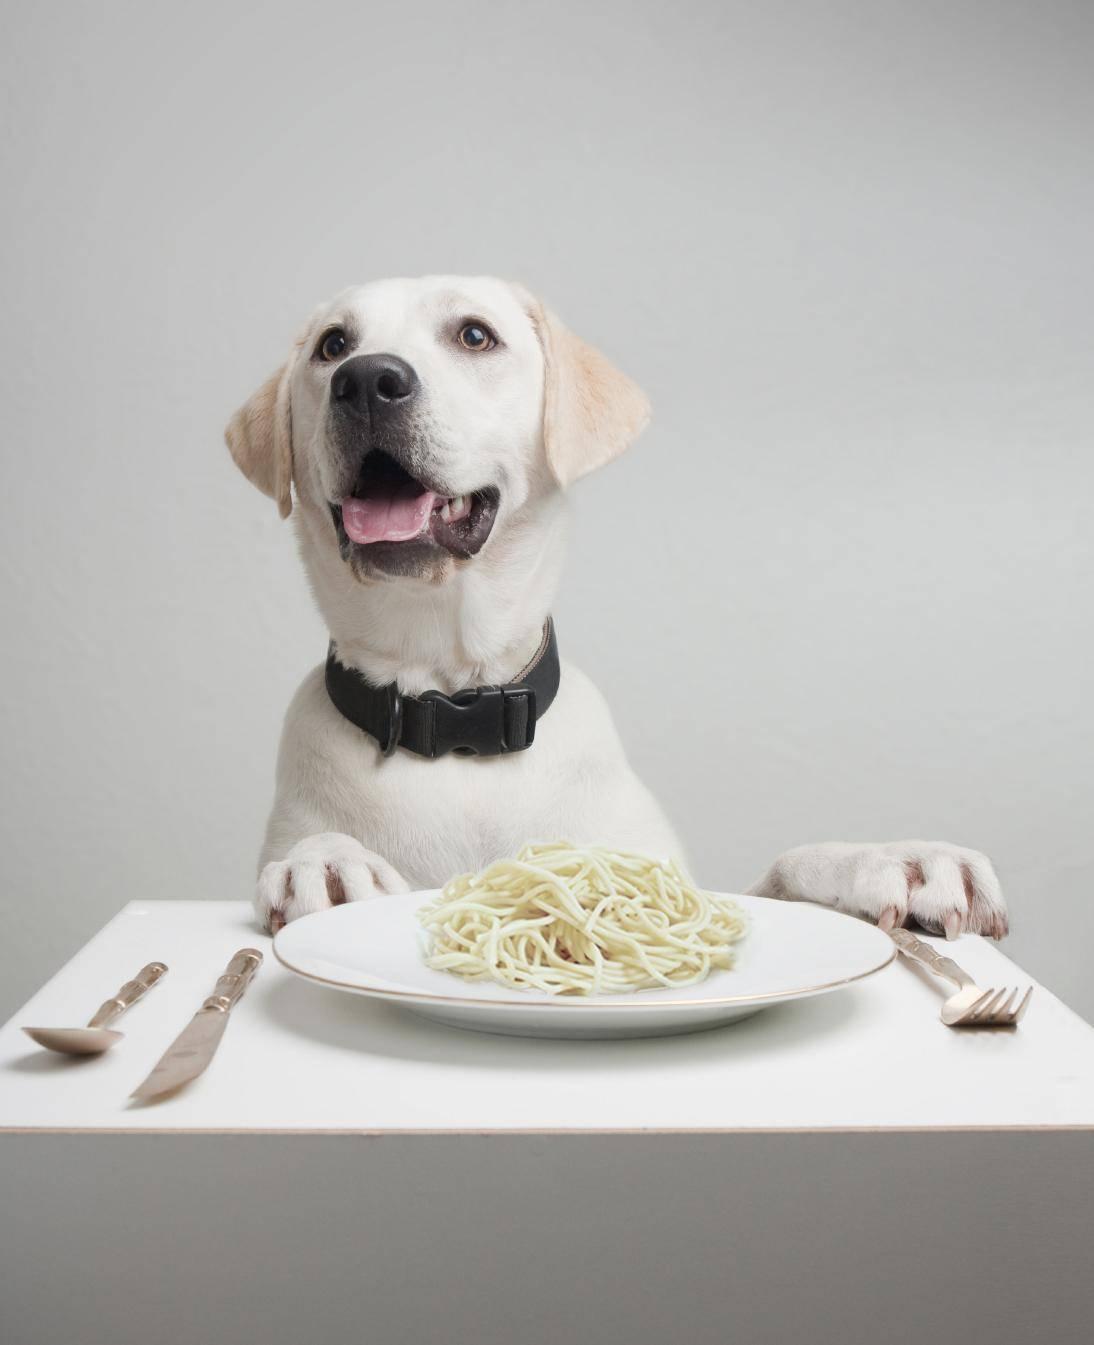 Las adaptaciones genéticas que permitieron a los perros asimilar el almidón fueron cruciales para que se convirtiera en un animal doméstico, según un estudio que publica la revista Nature.